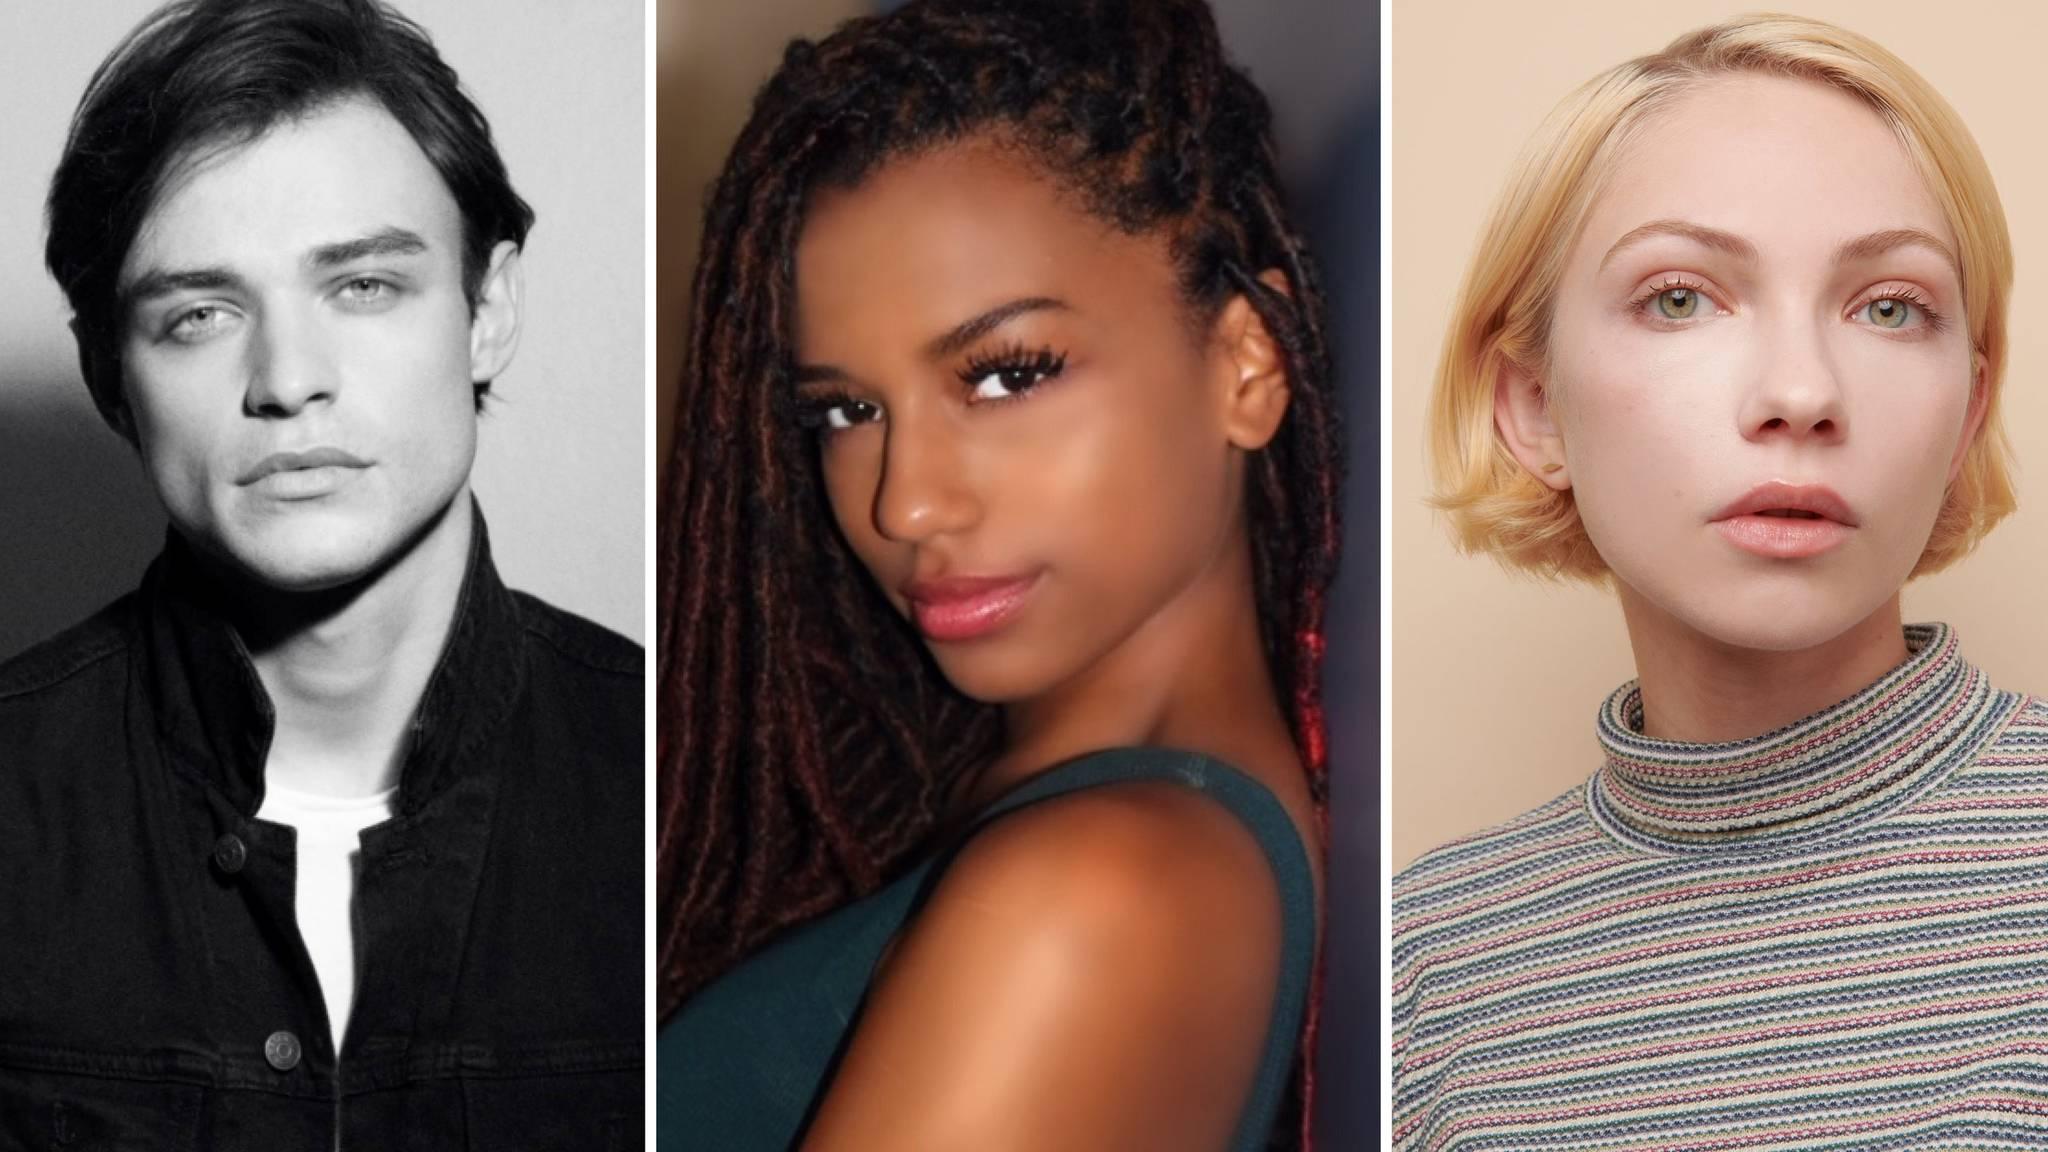 """Thomas Doherty, Savannah Smith o la bloguera Tavi Gevinson forman parte del casting del nuevo reboot de """"Gossip Girl""""."""